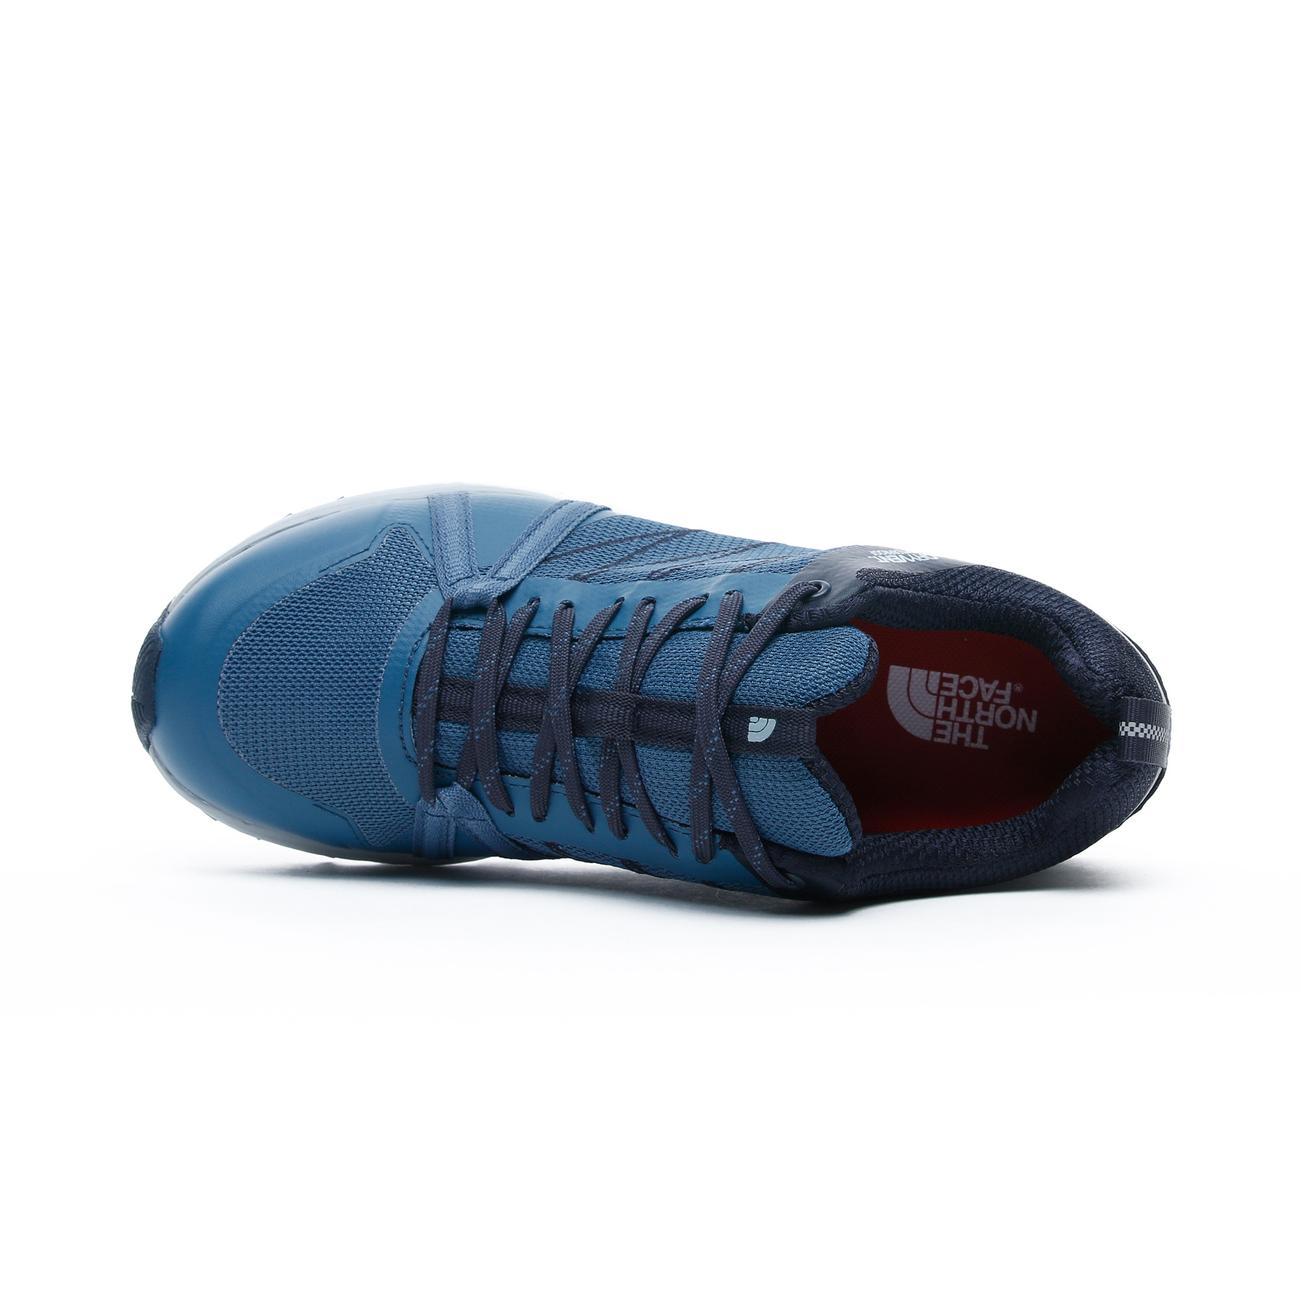 The North Face Litewawe Fastpack II Wp Kadın Mavi Spor Ayakkabı